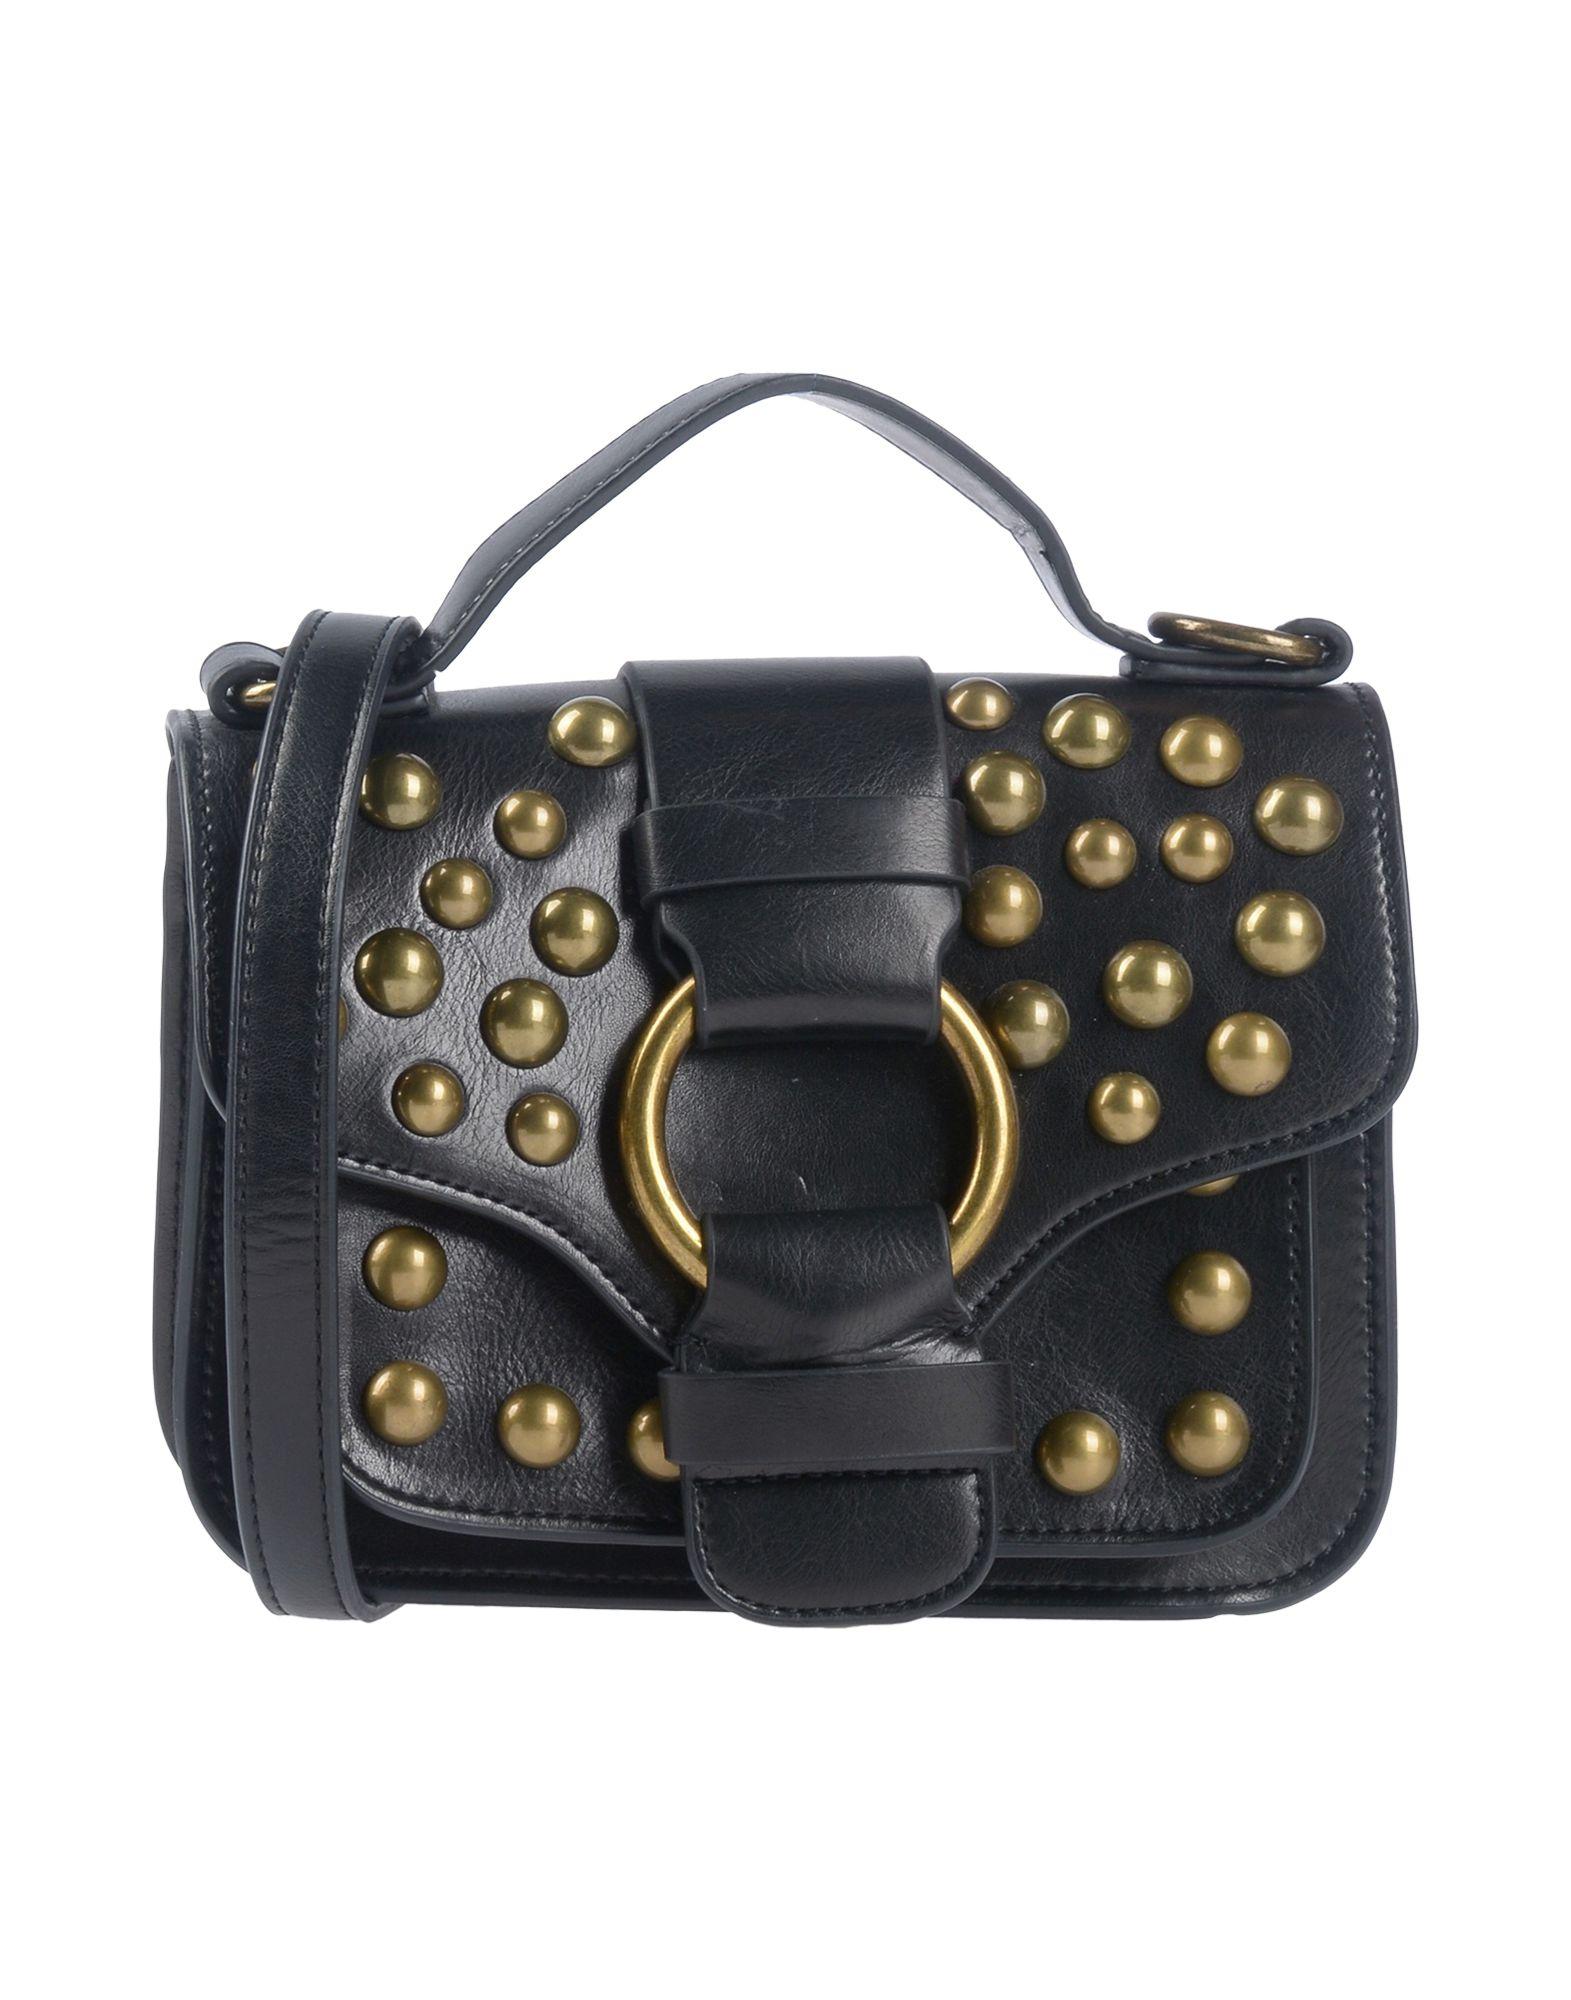 《送料無料》ESSENTIEL ANTWERP レディース ハンドバッグ ブラック ポリウレタン 100% Pagode small shoulderbag